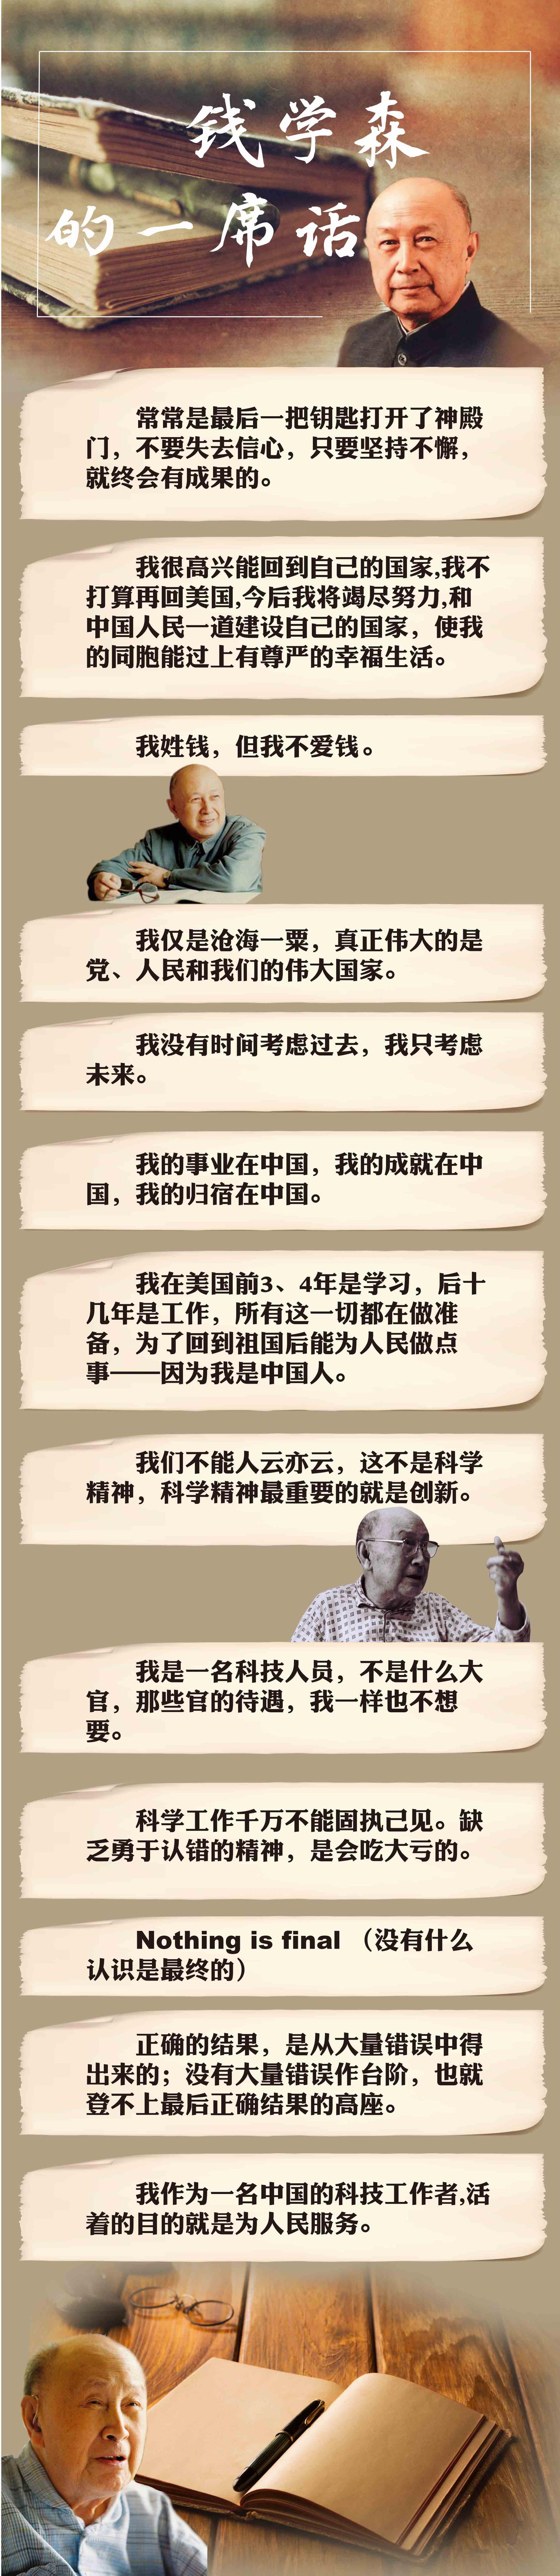 中国娱乐场乐官方网 24岁战士朱小华 勇救战友光荣牺牲